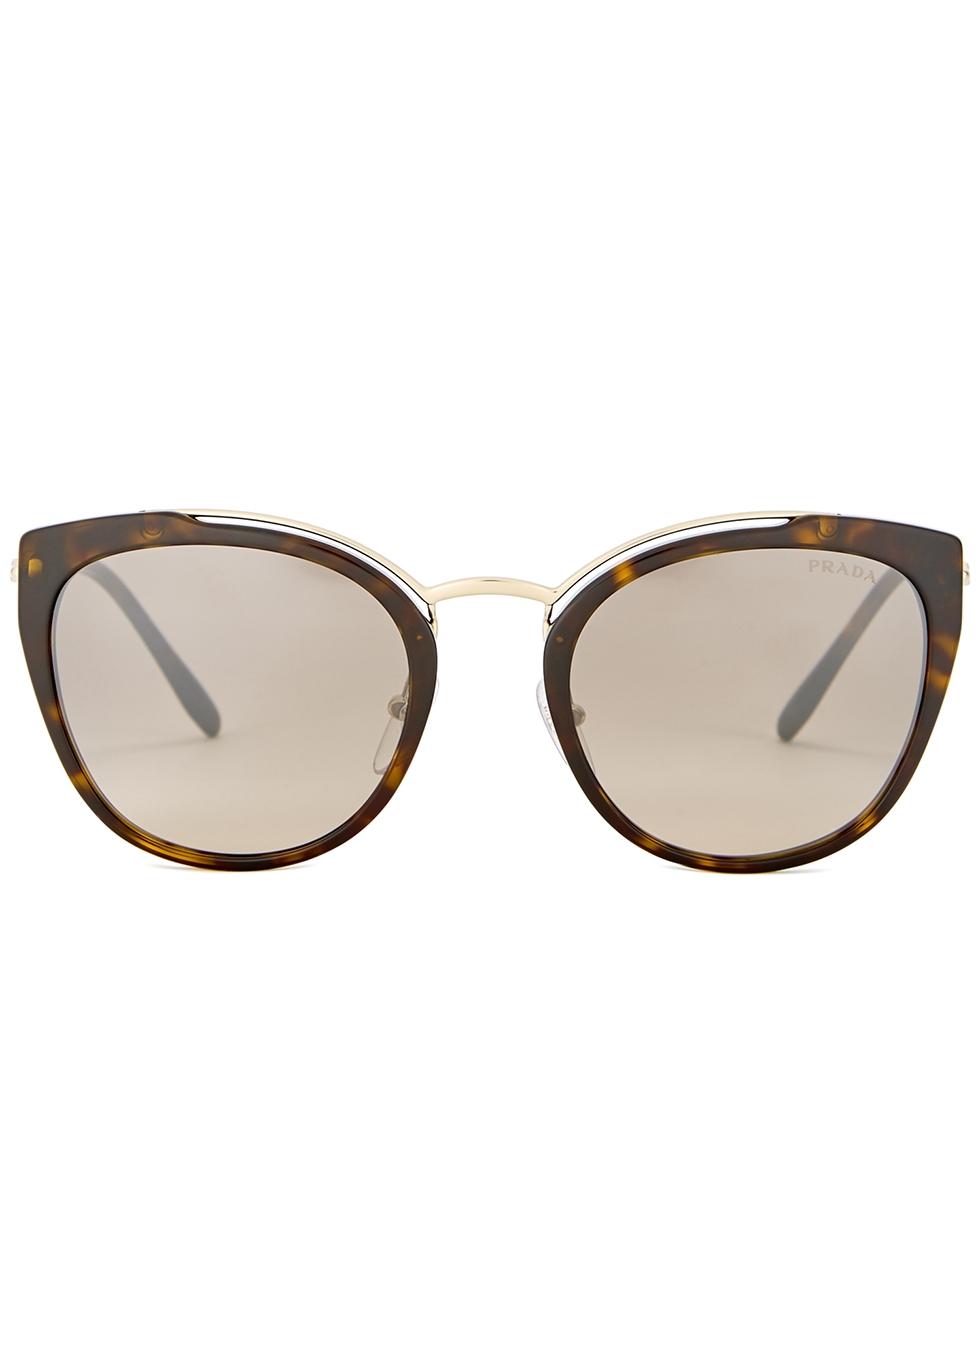 Tortoiseshell cat-eye sunglasses - Prada